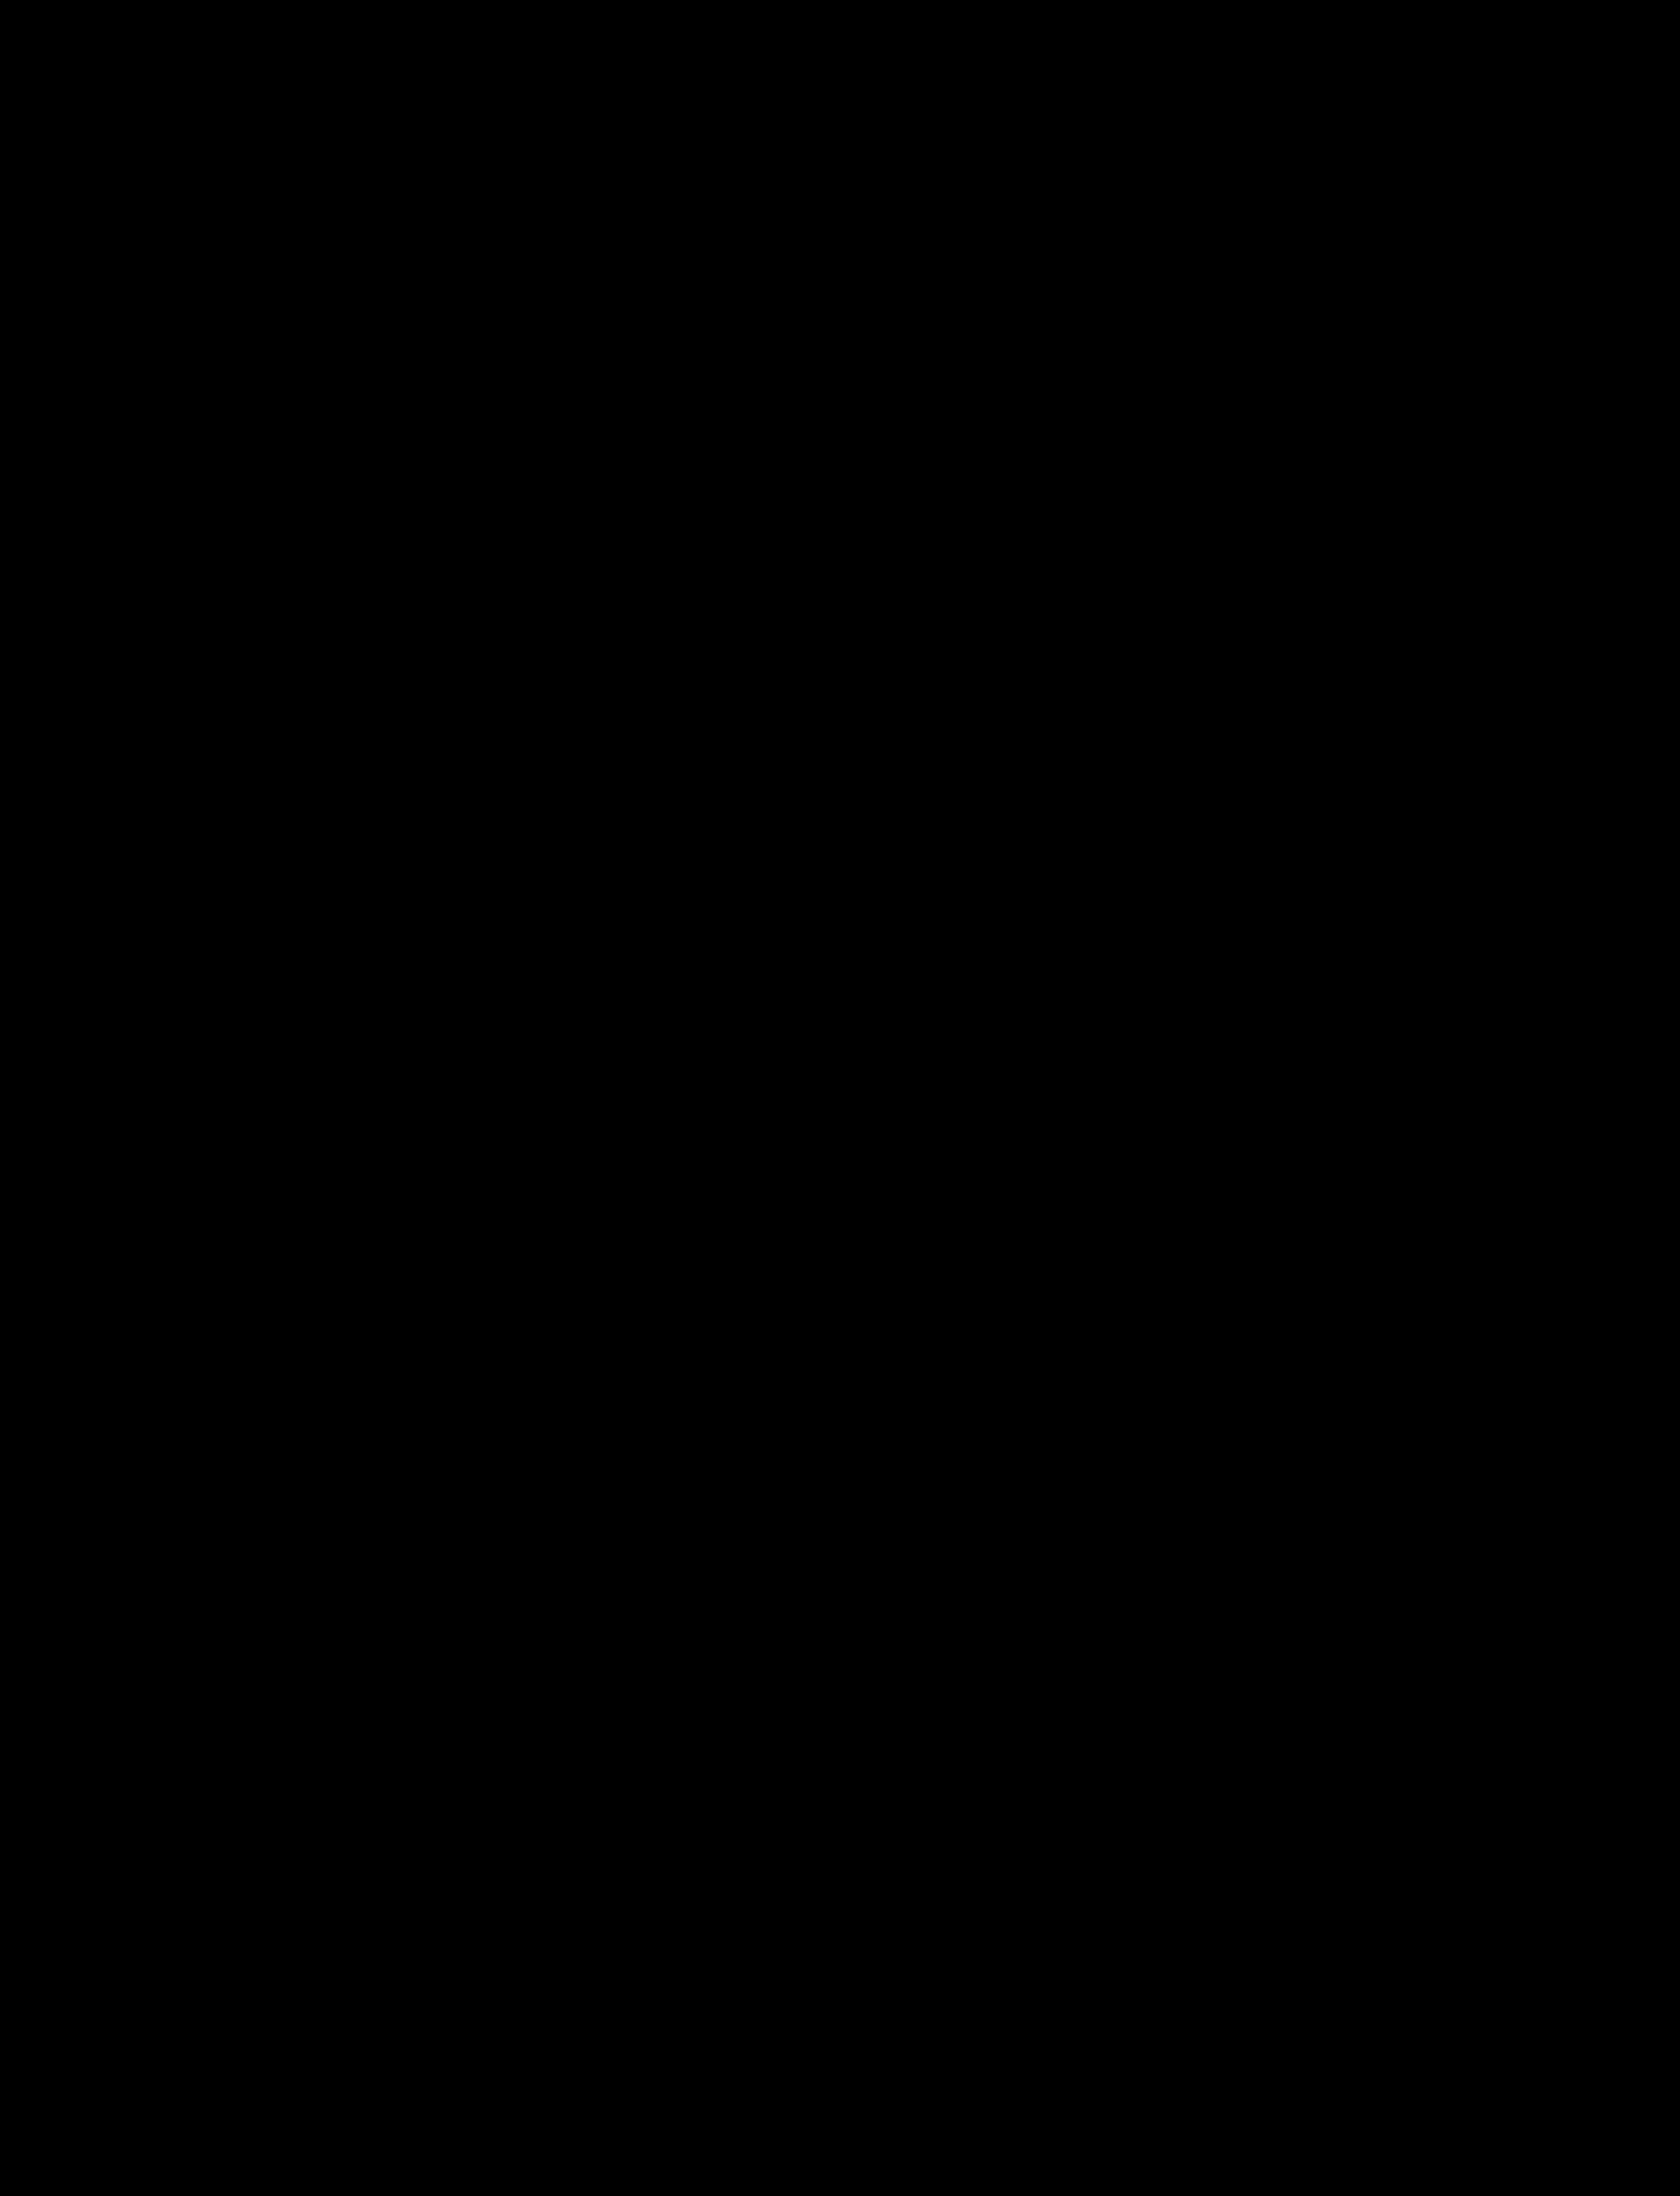 Clipart - Runner